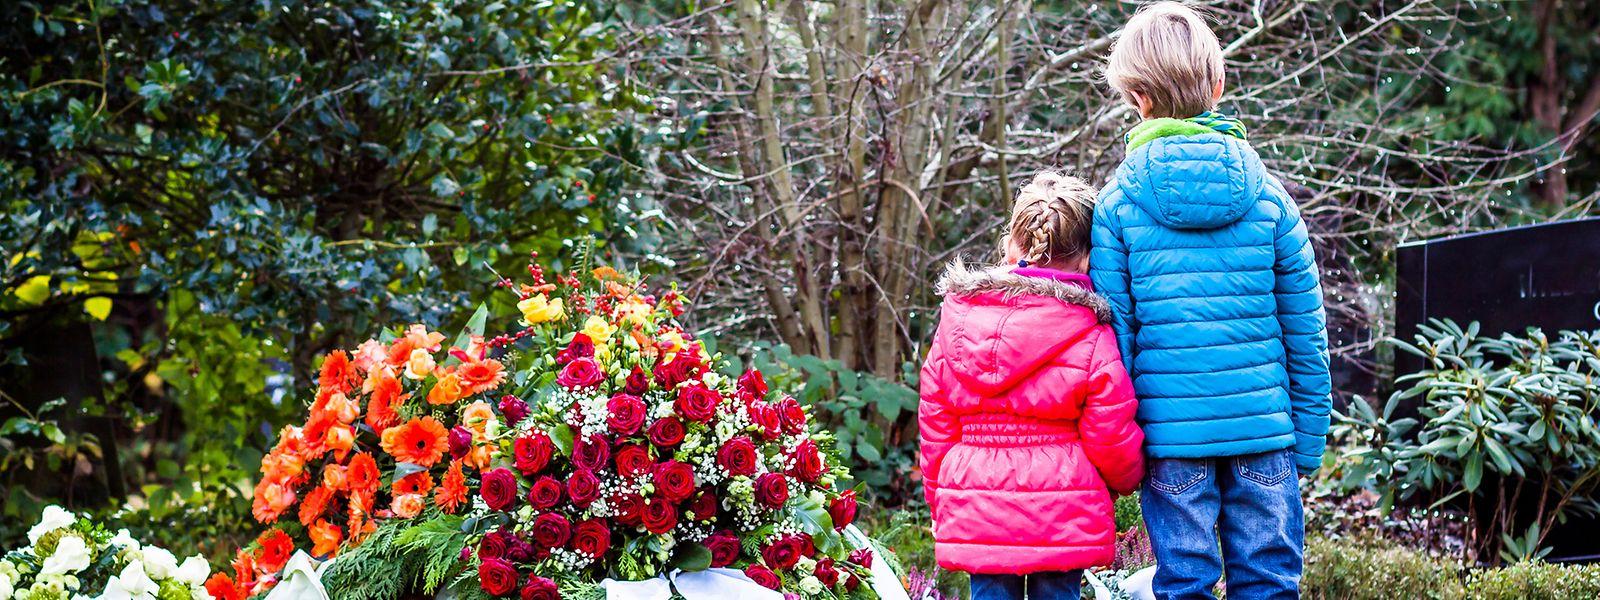 Kinder sollen frei entscheiden, ob sie mit zum Friedhof wollen, um von einer geliebten Person Abschied zu nehmen.